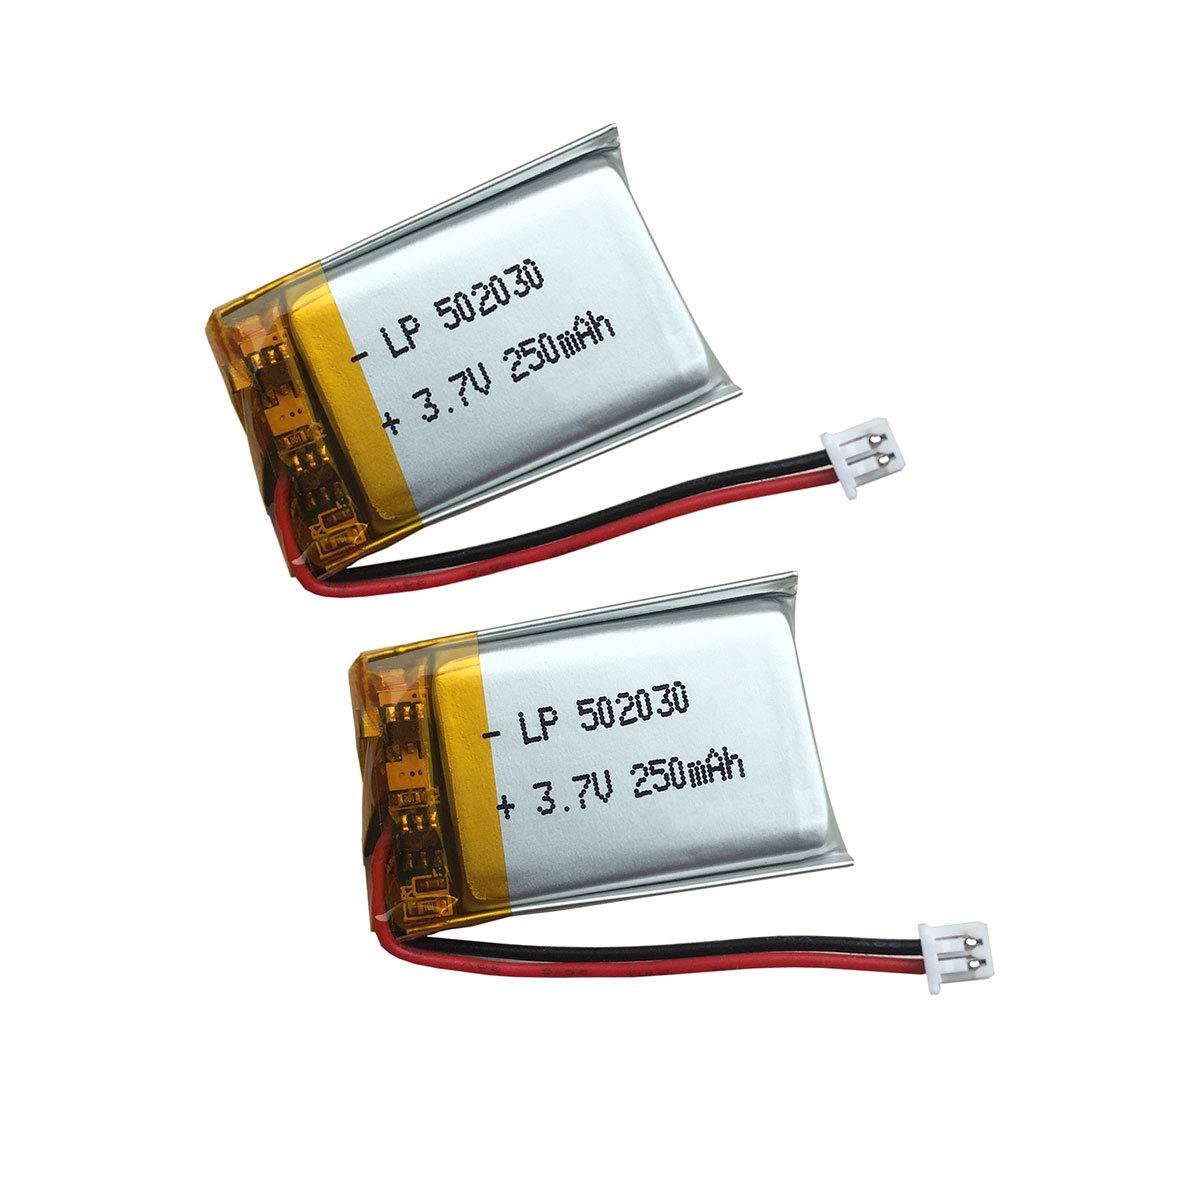 Batería 3.7V 250mAh ( 30 x 20 x 5mm, 5g) 2-Pin Pitch